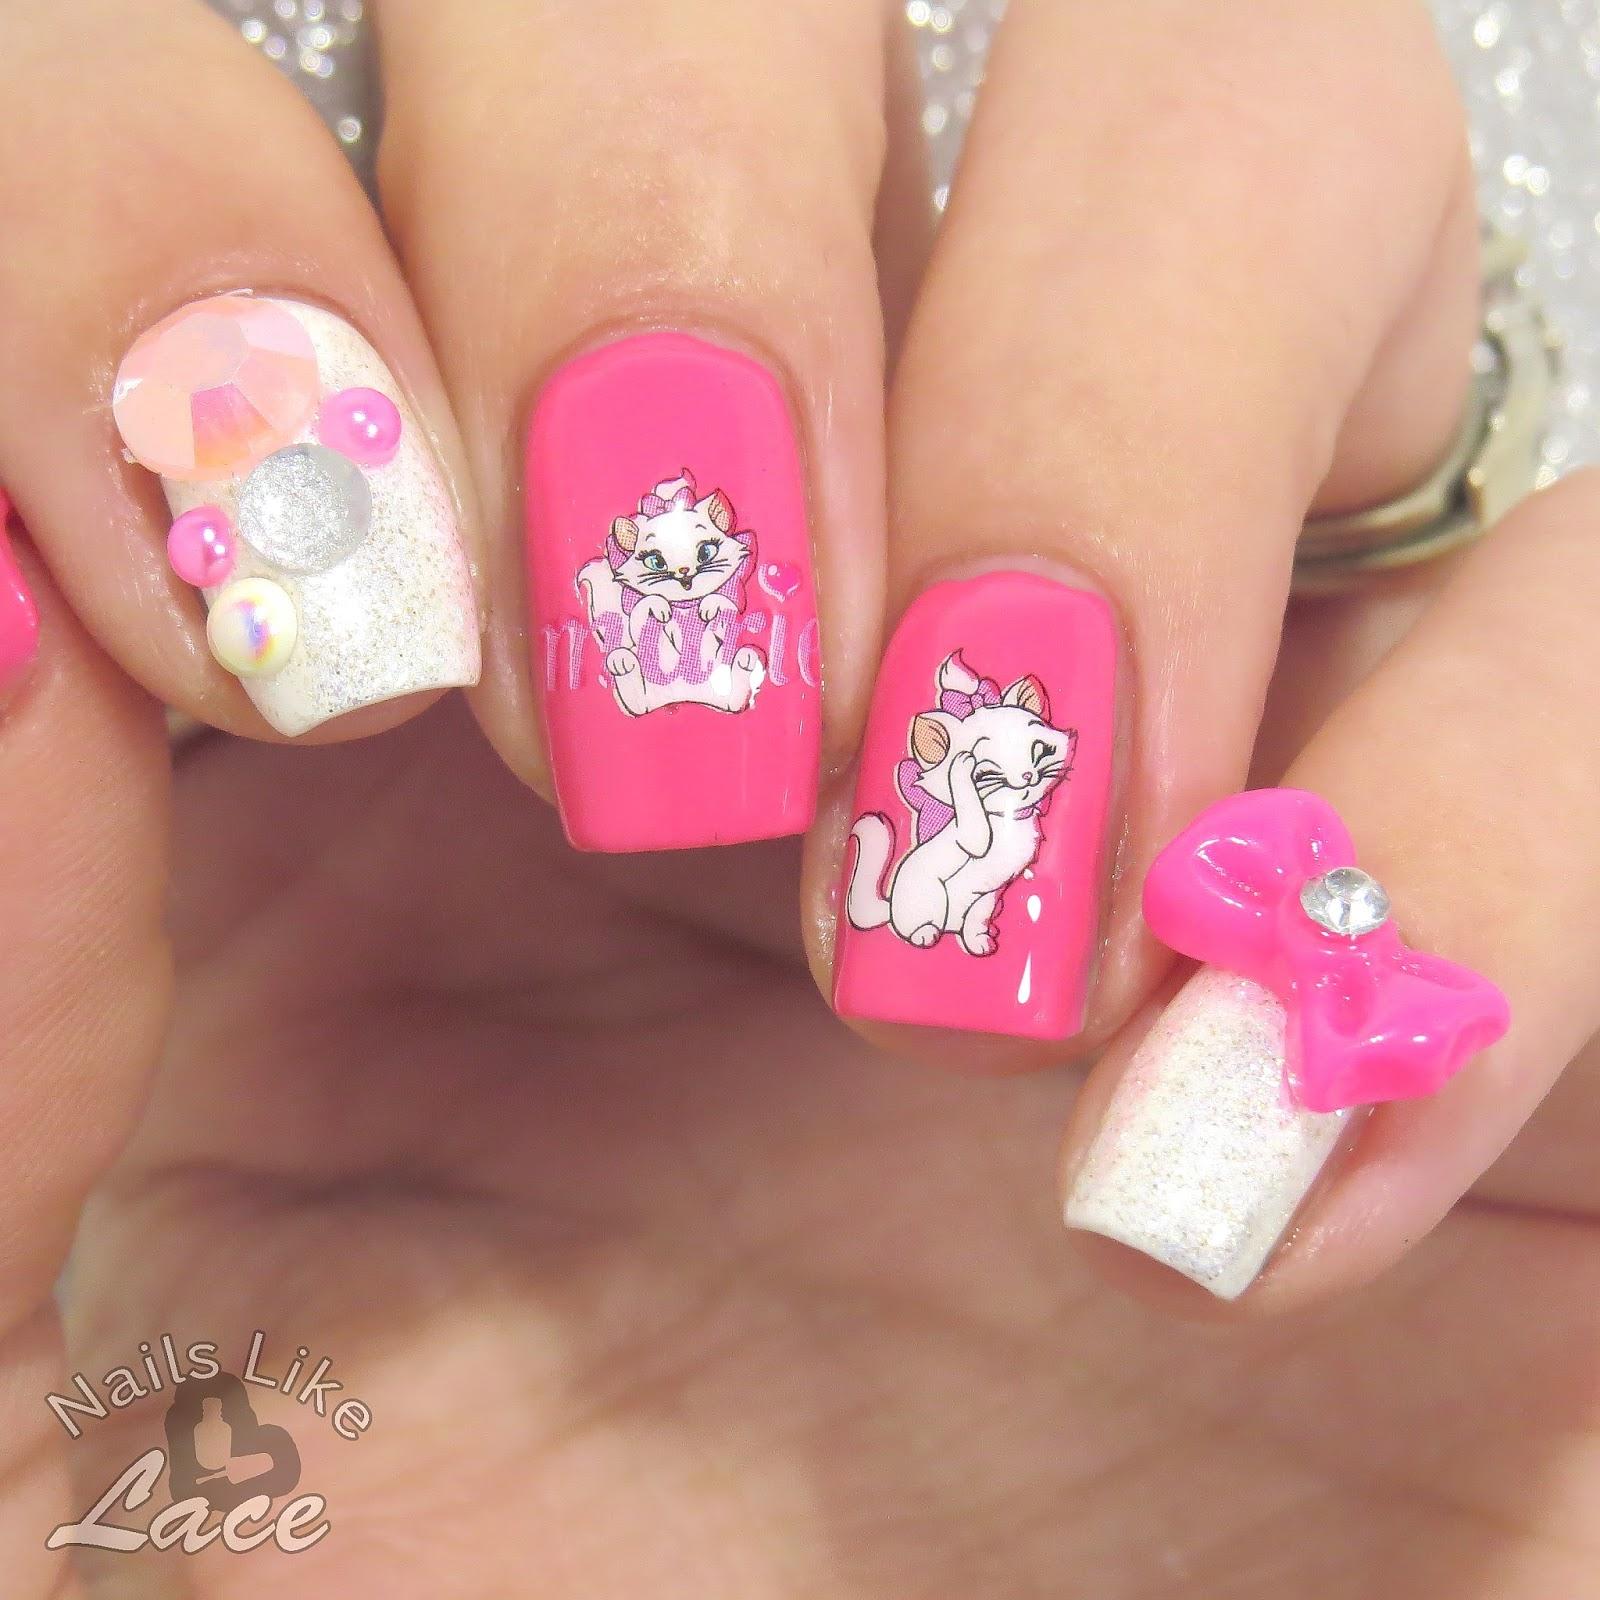 NailsLikeLace: 40 Great Nail Art Ideas: Animals - Aristocats\' Marie